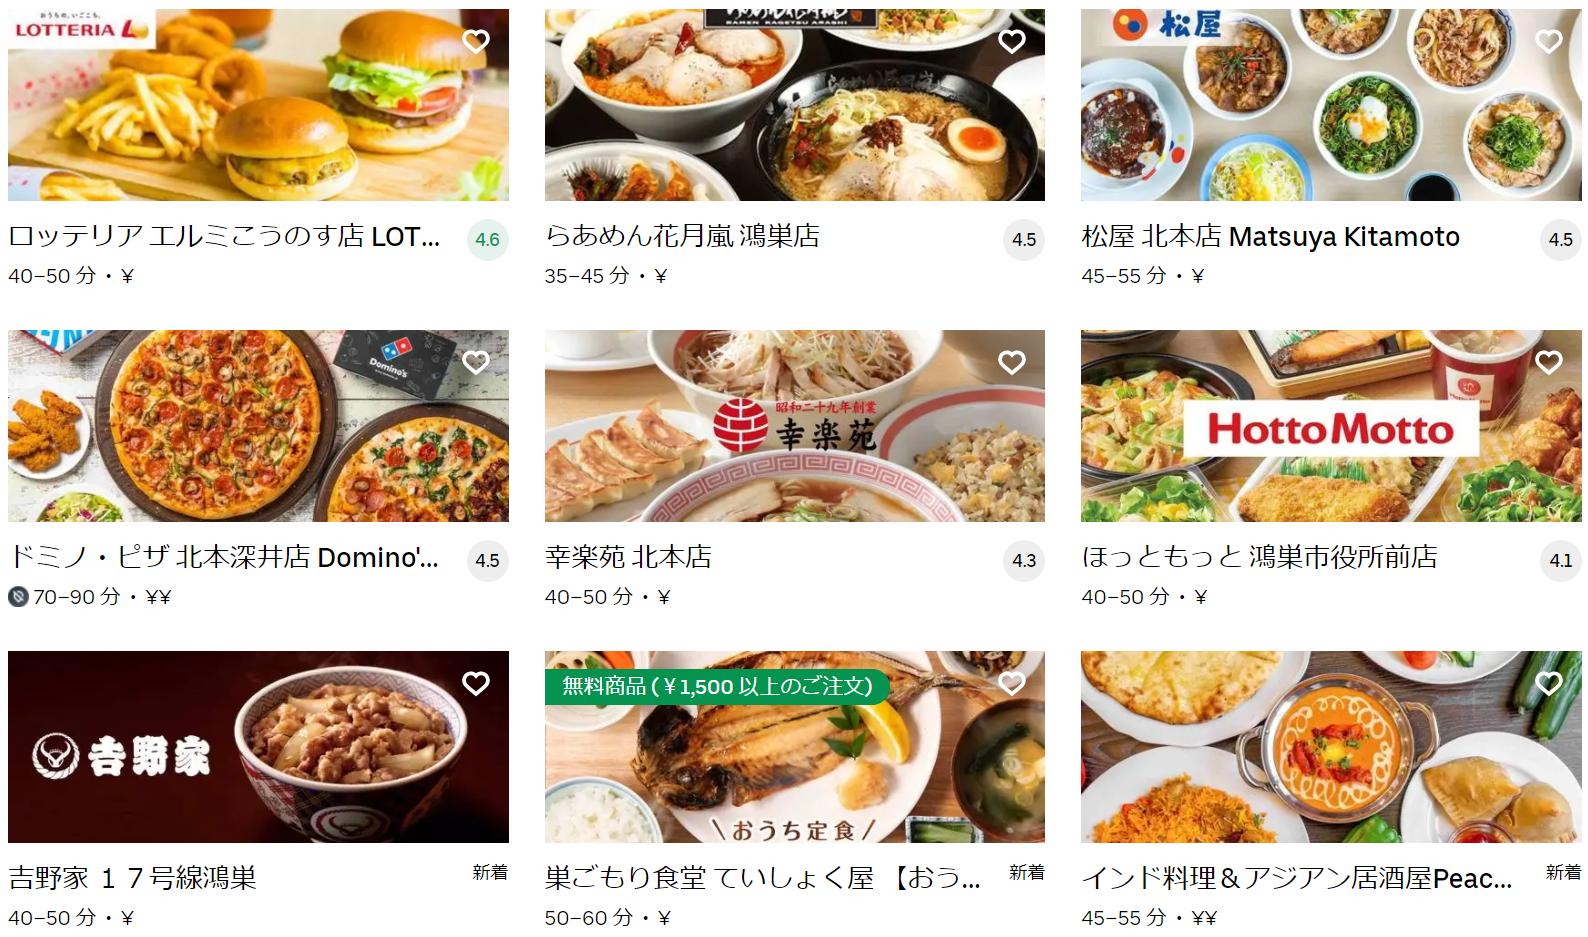 鴻巣市エリアのおすすめUber Eats(ウーバーイーツ)メニュー